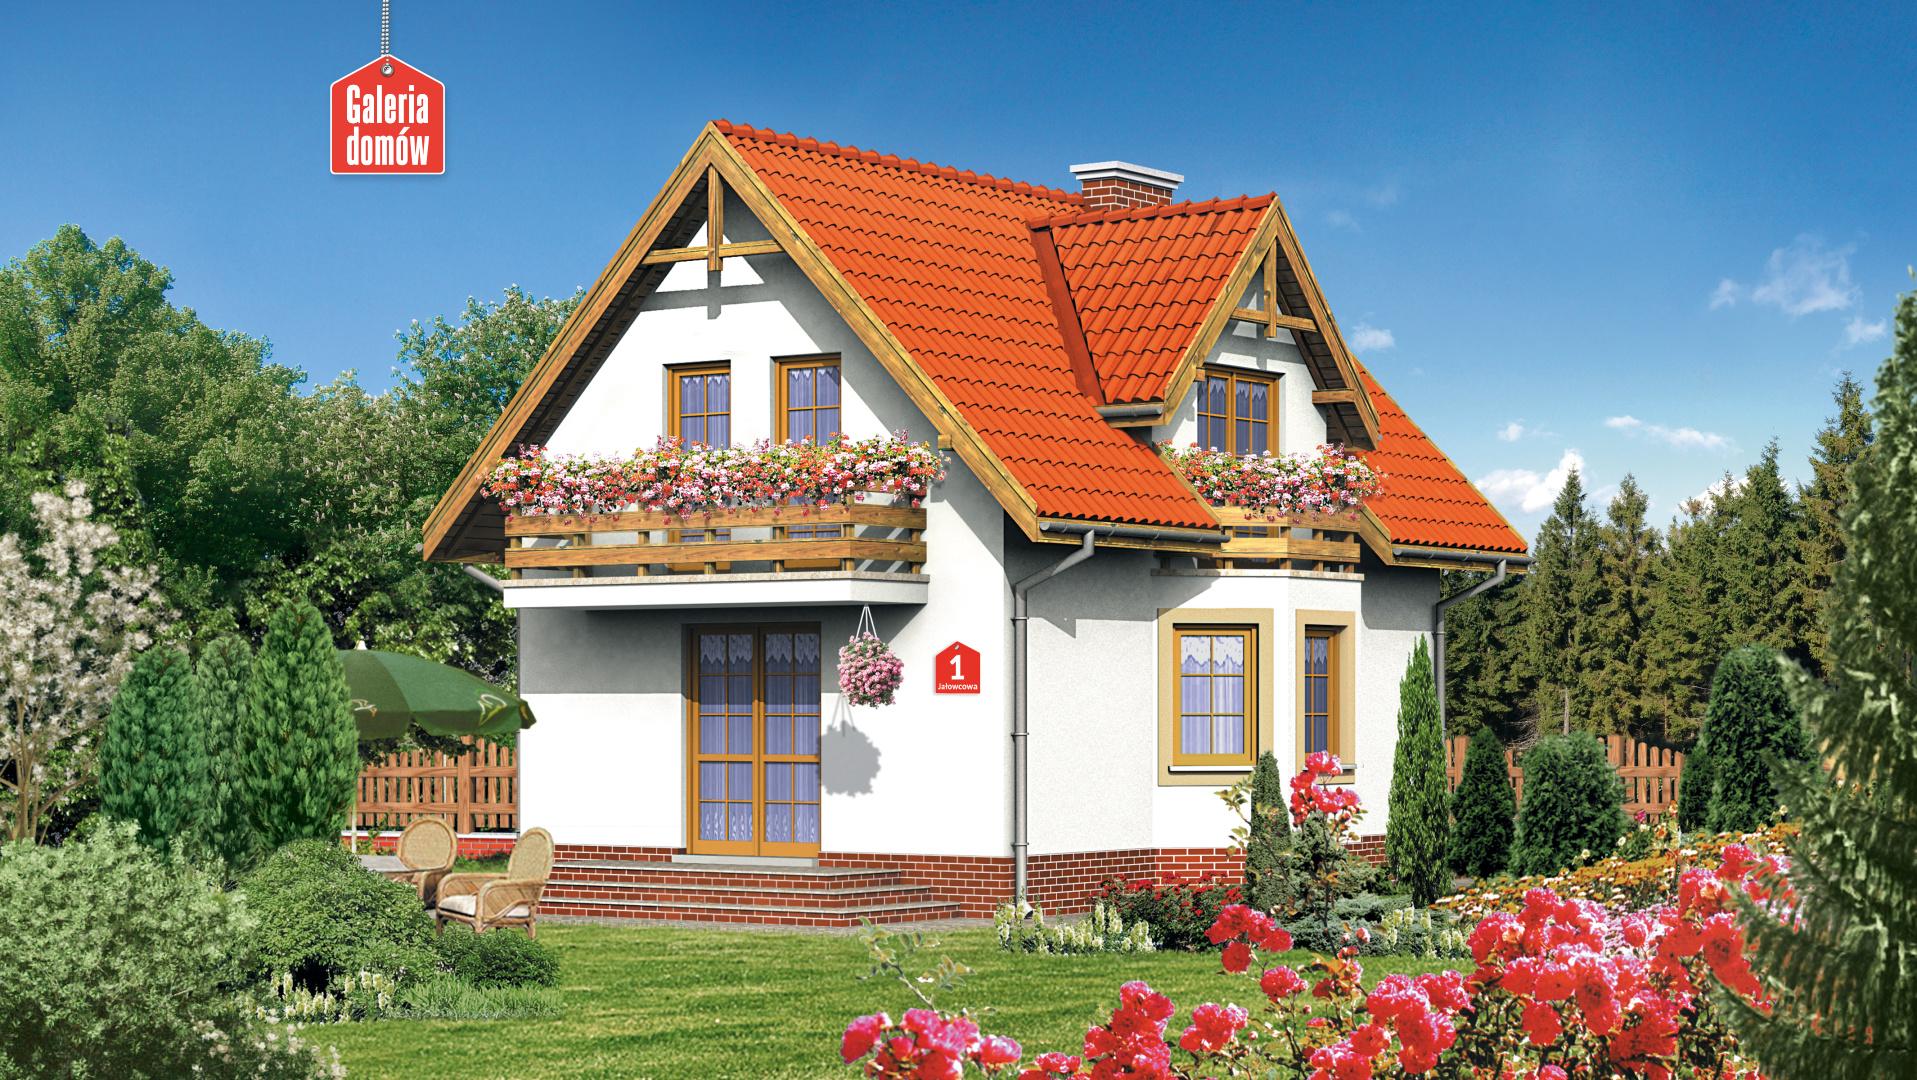 Dom przy Jałowcowej - zdjęcie projektu i wizualizacja